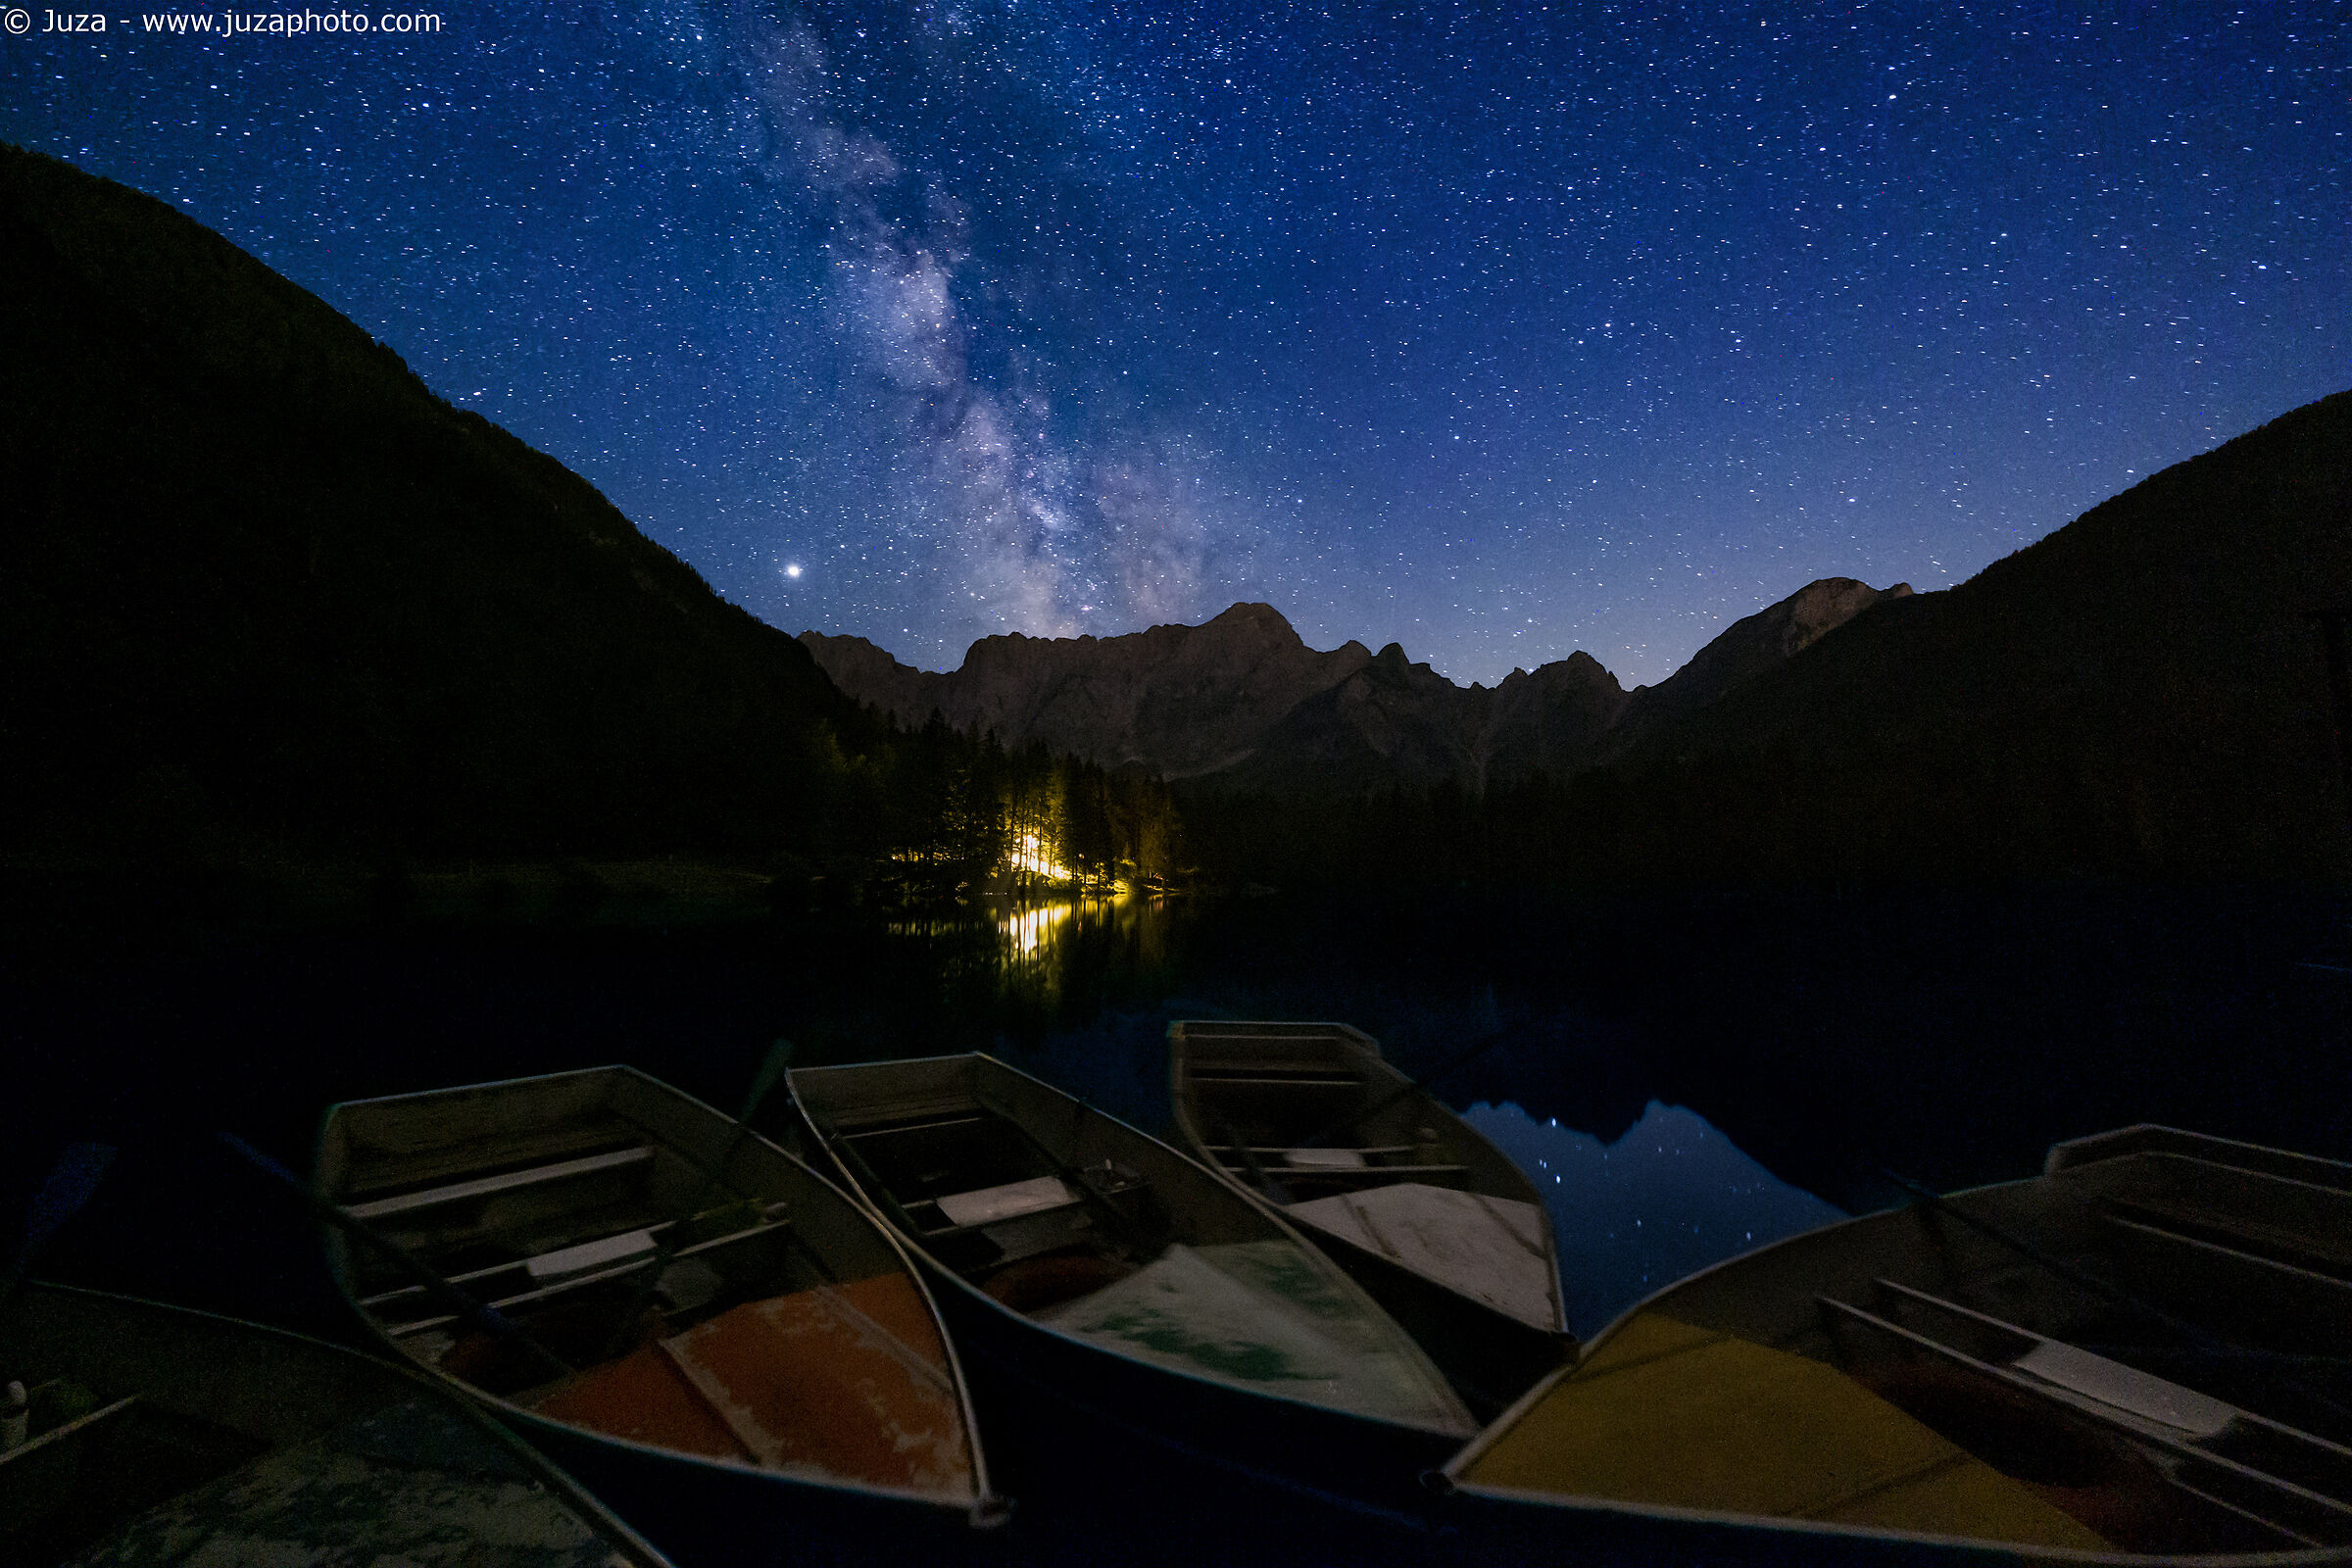 Le barche sul lago di Fusine...